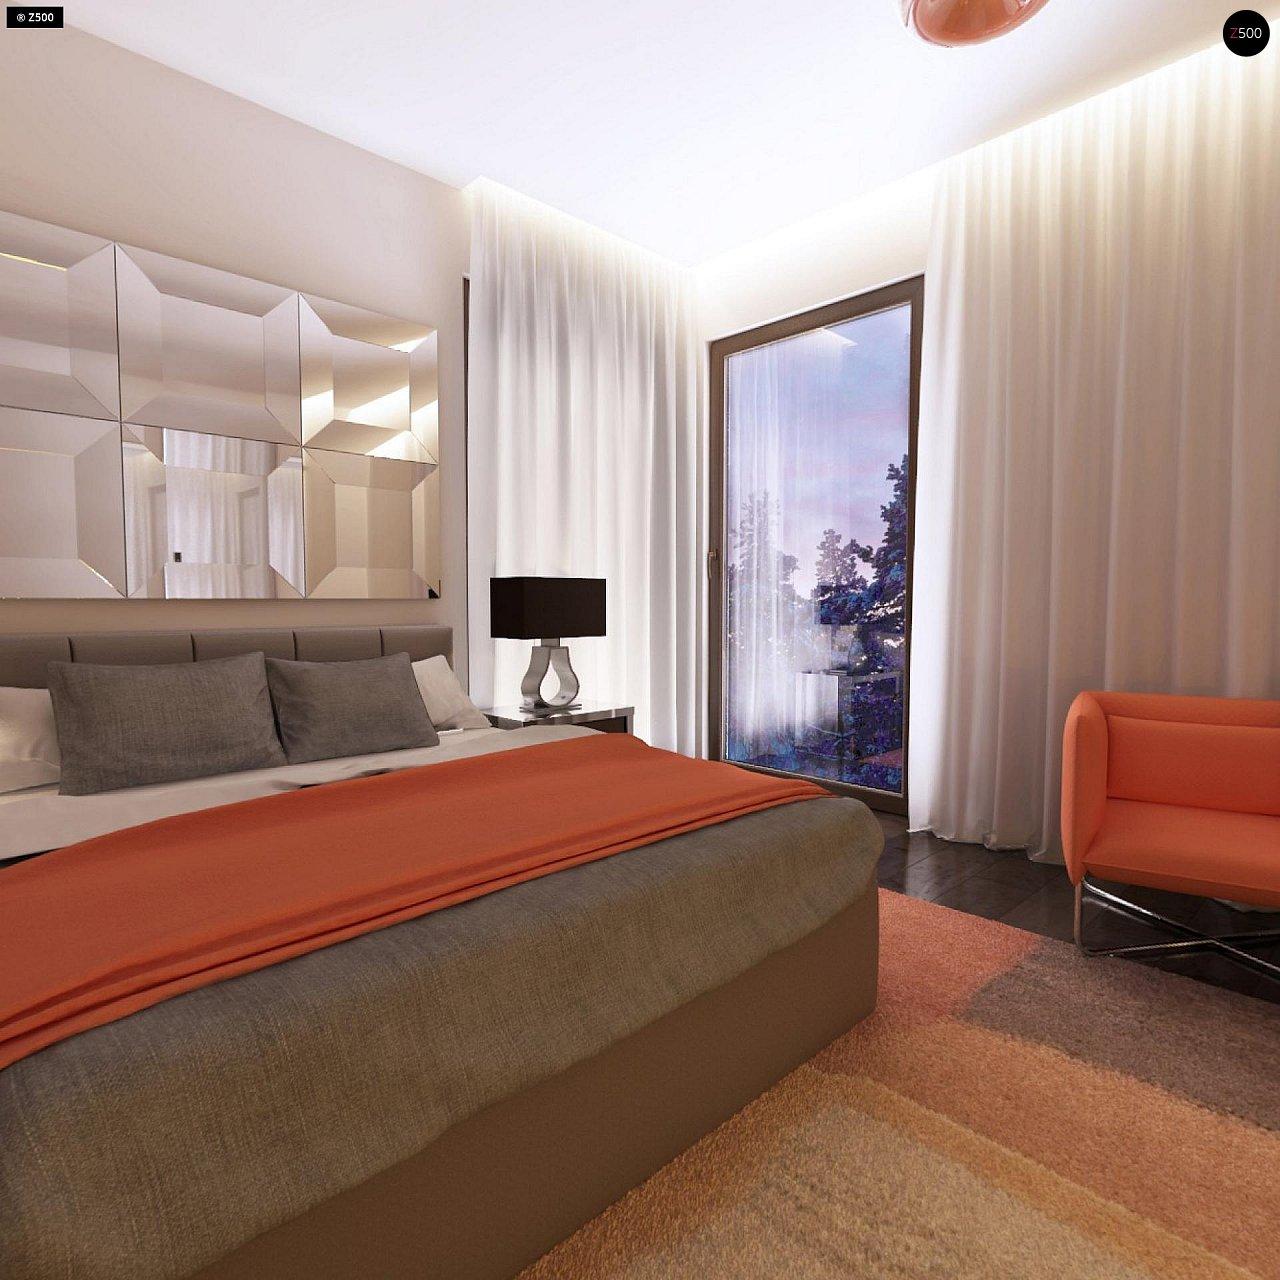 Дом характерного современного дизайна с гаражом и кабинетом на первом этаже. - фото 28